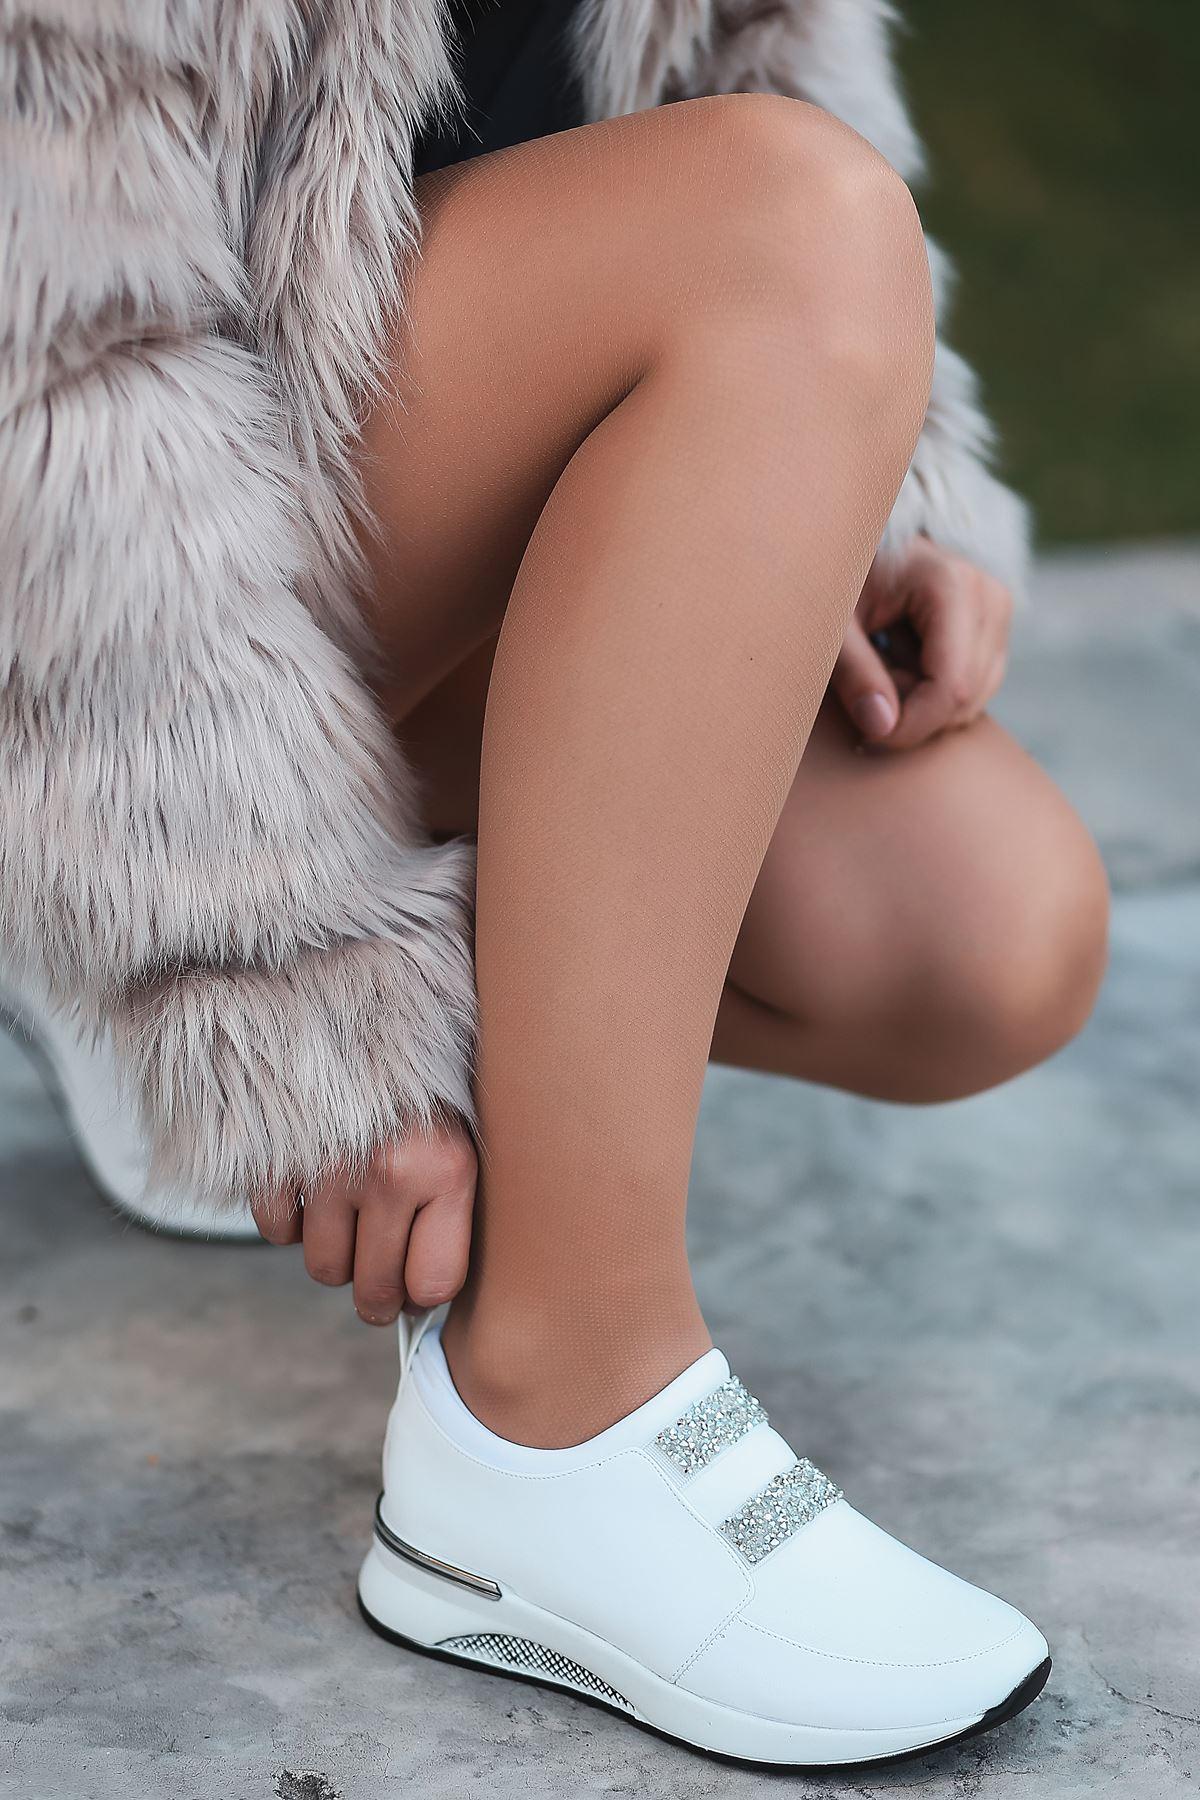 Oliver Taş Detaylı Beyaz Kadın Spor Ayakkabı